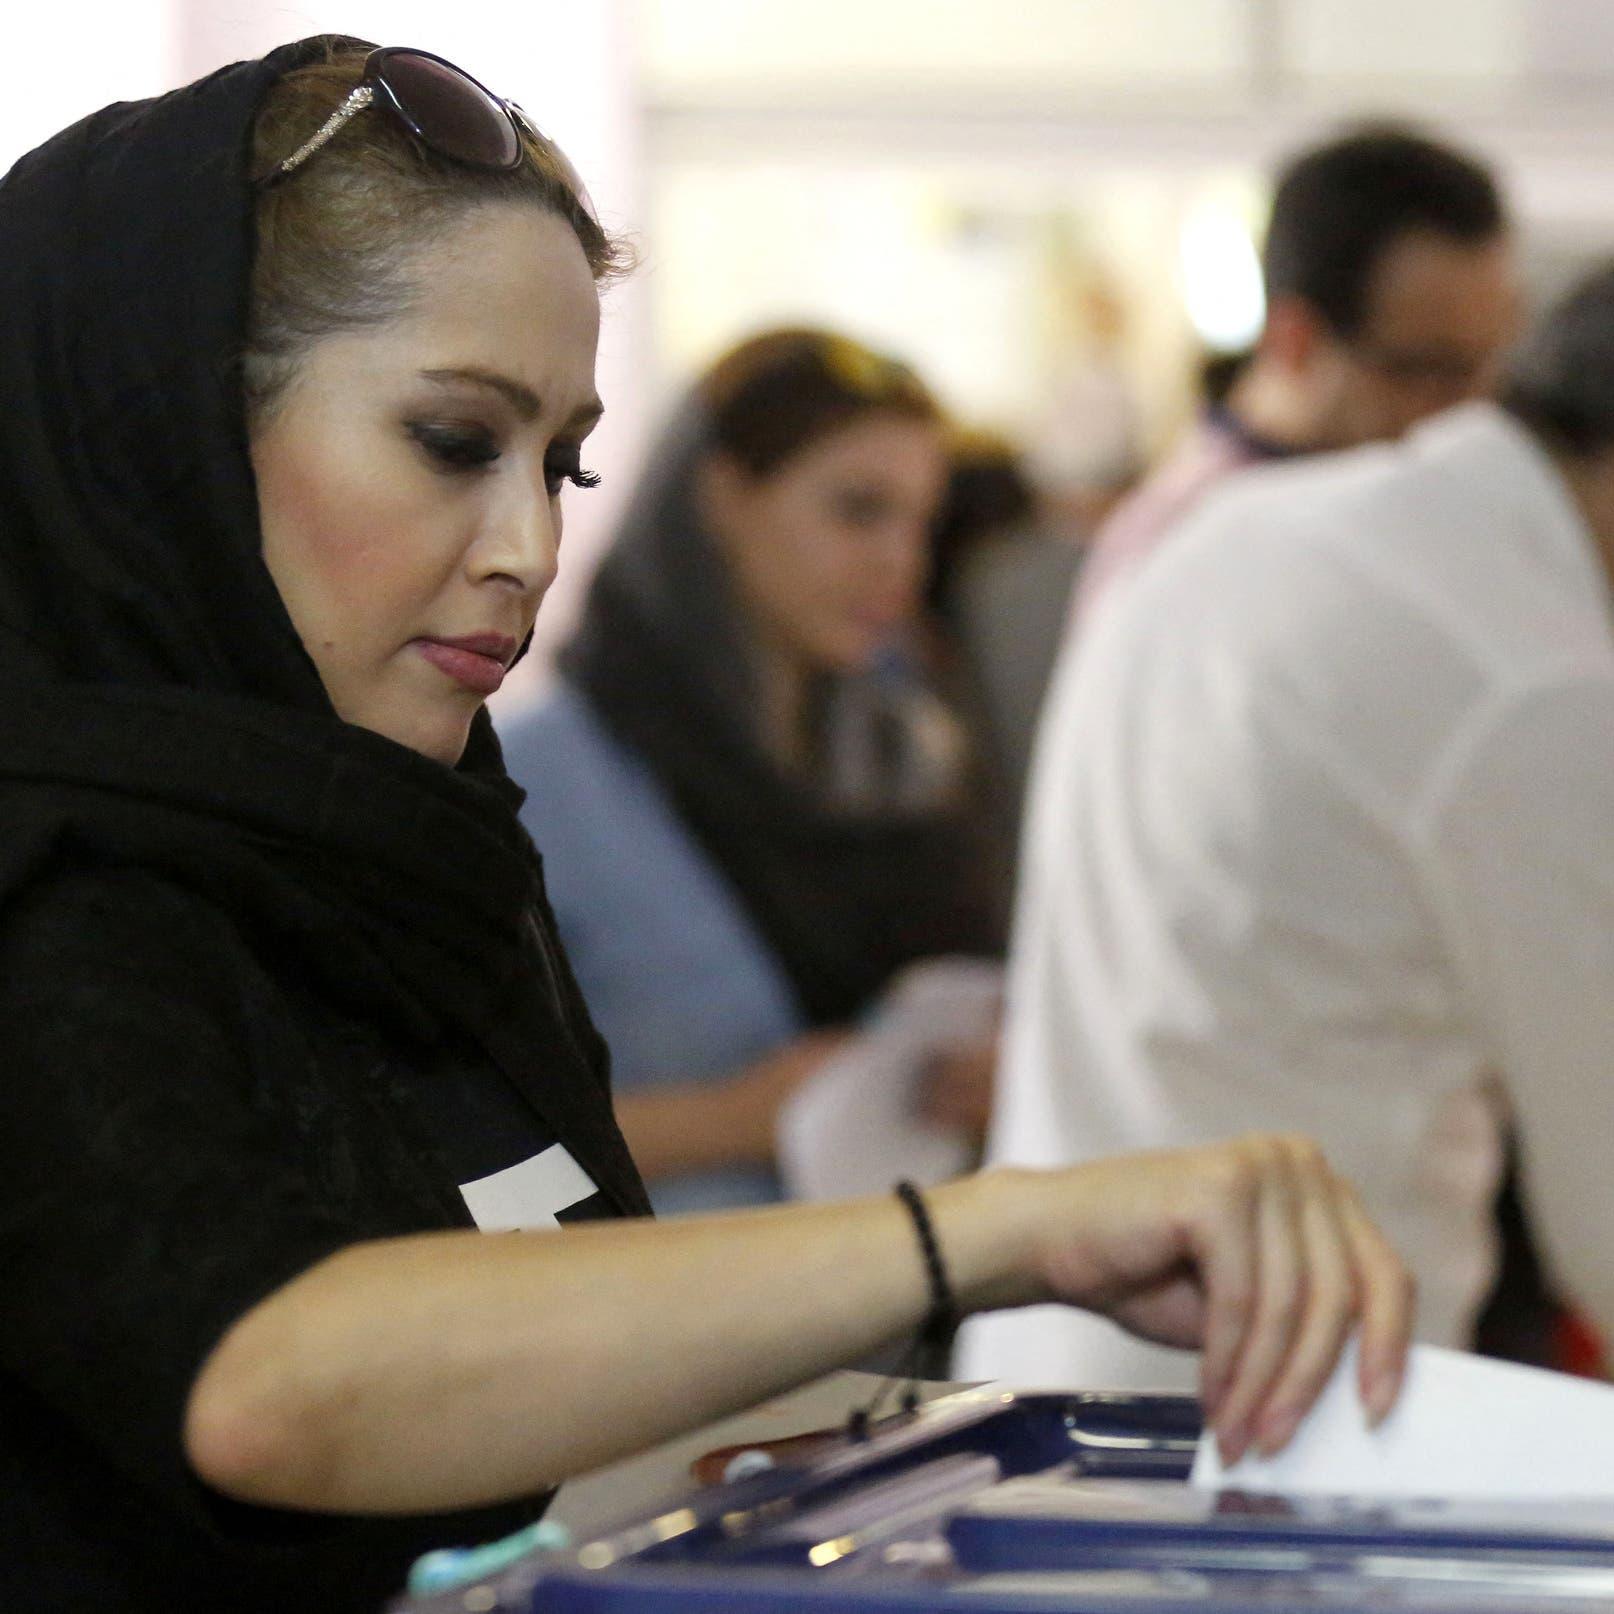 %34 من الإيرانيين فقط ينوون المشاركة في الانتخابات الرئاسية